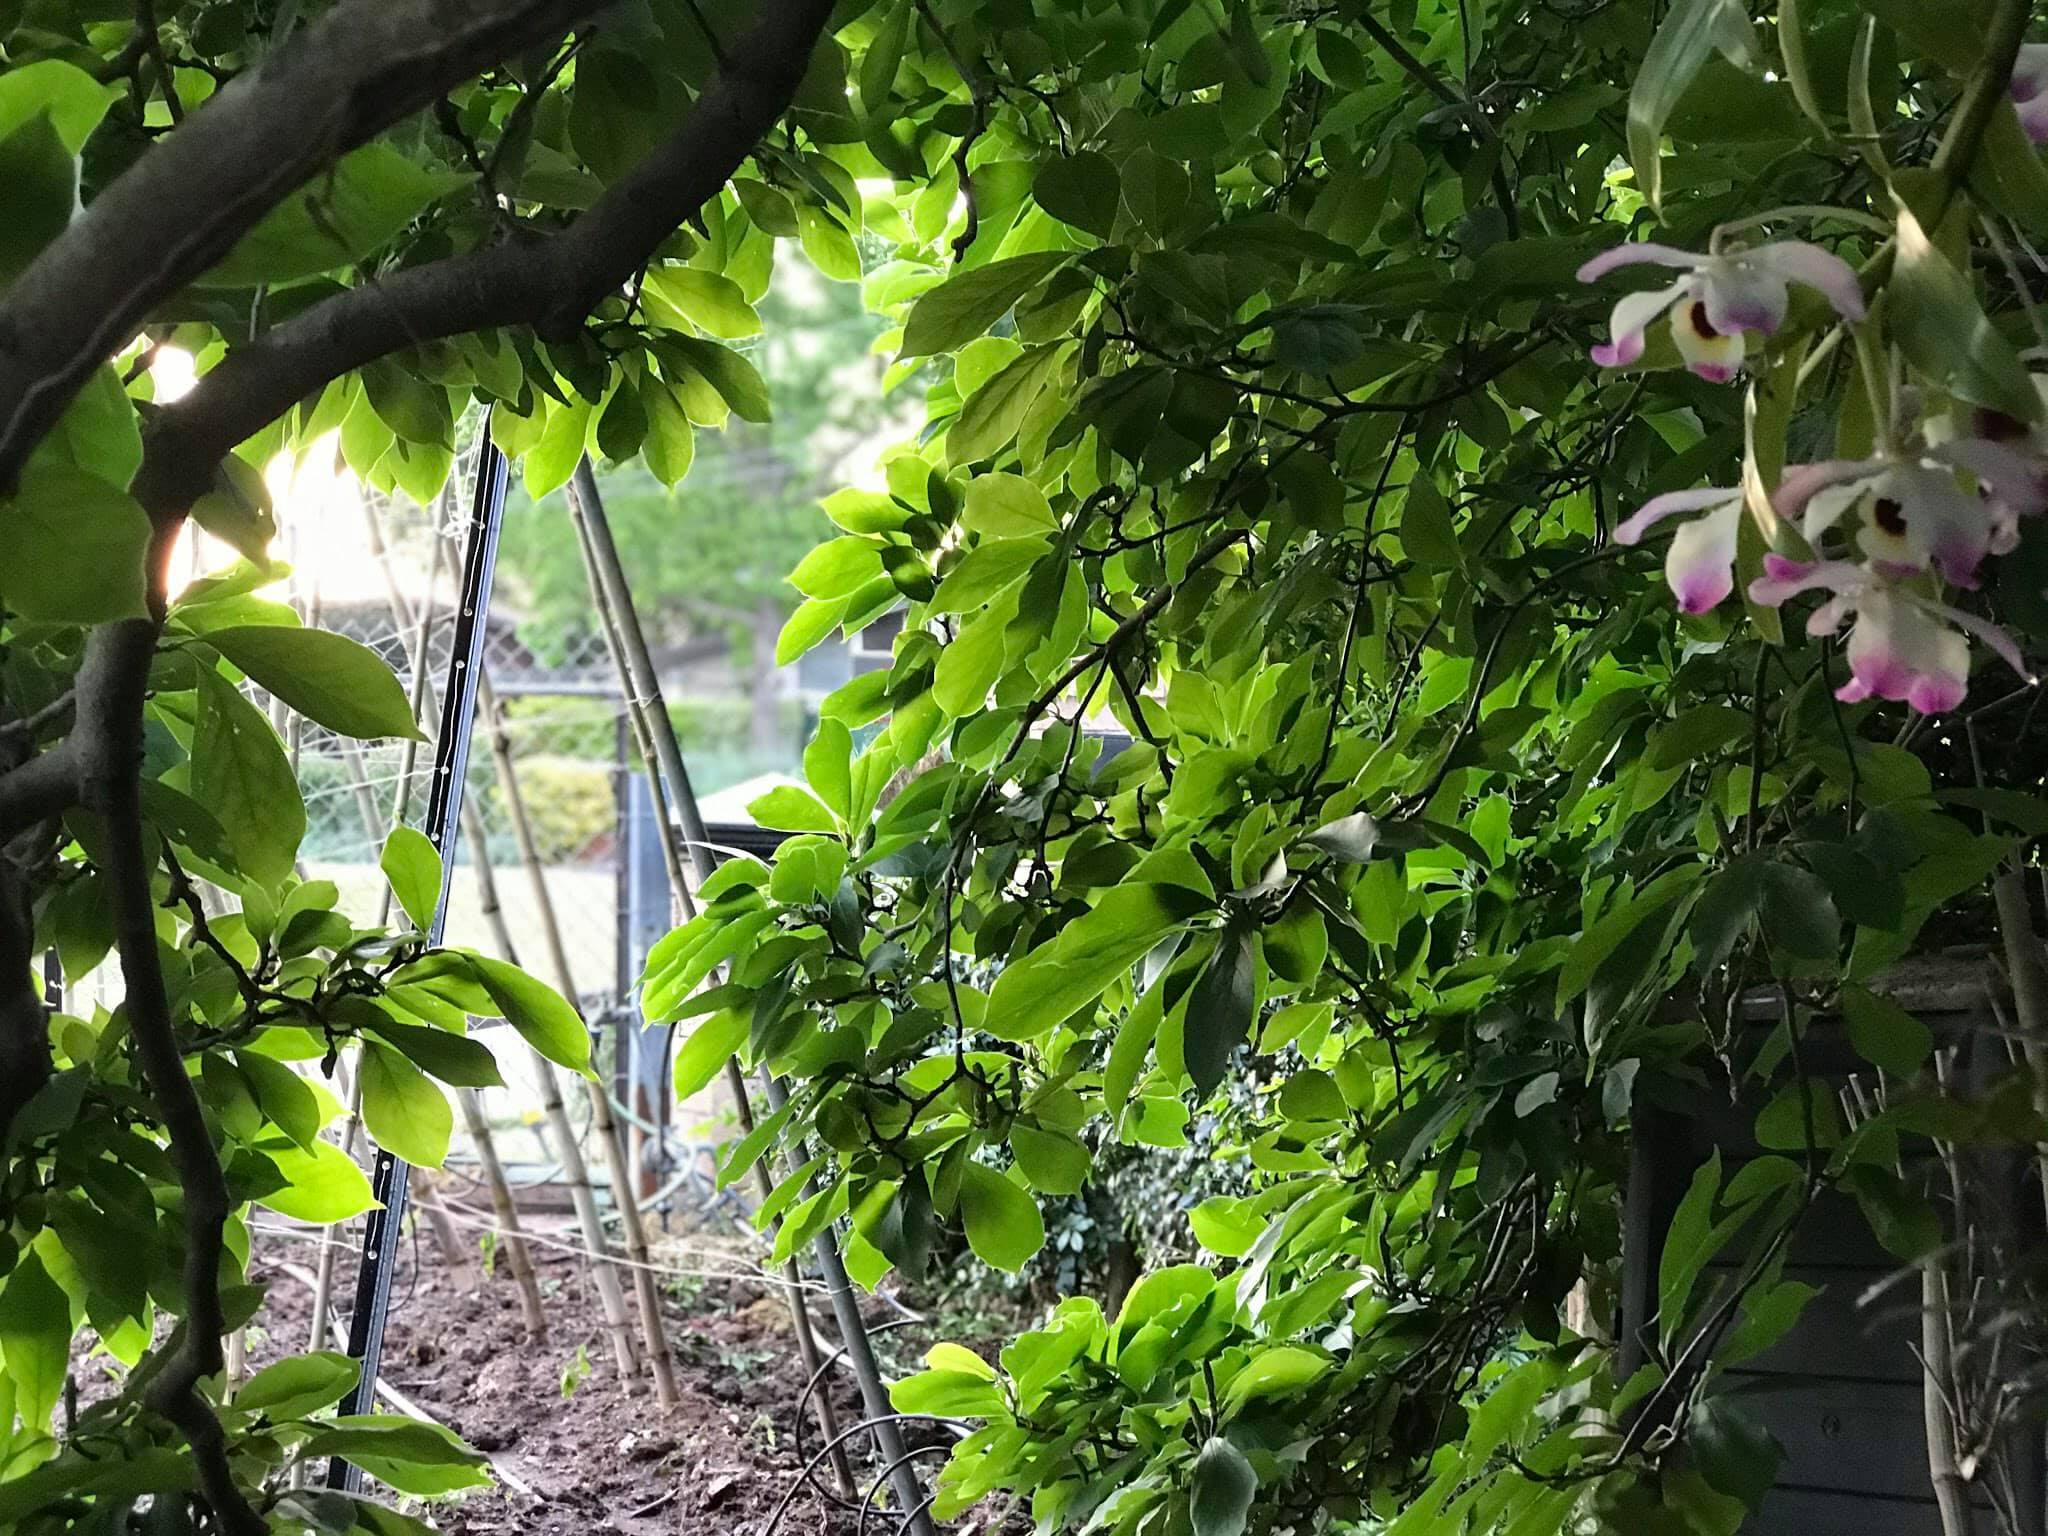 Khu vườn rộng 575m² xanh tươi đủ loại rau quả sạch giữa thành phố của người đàn ông thích trồng cây từ năm 9 tuổi - Ảnh 4.